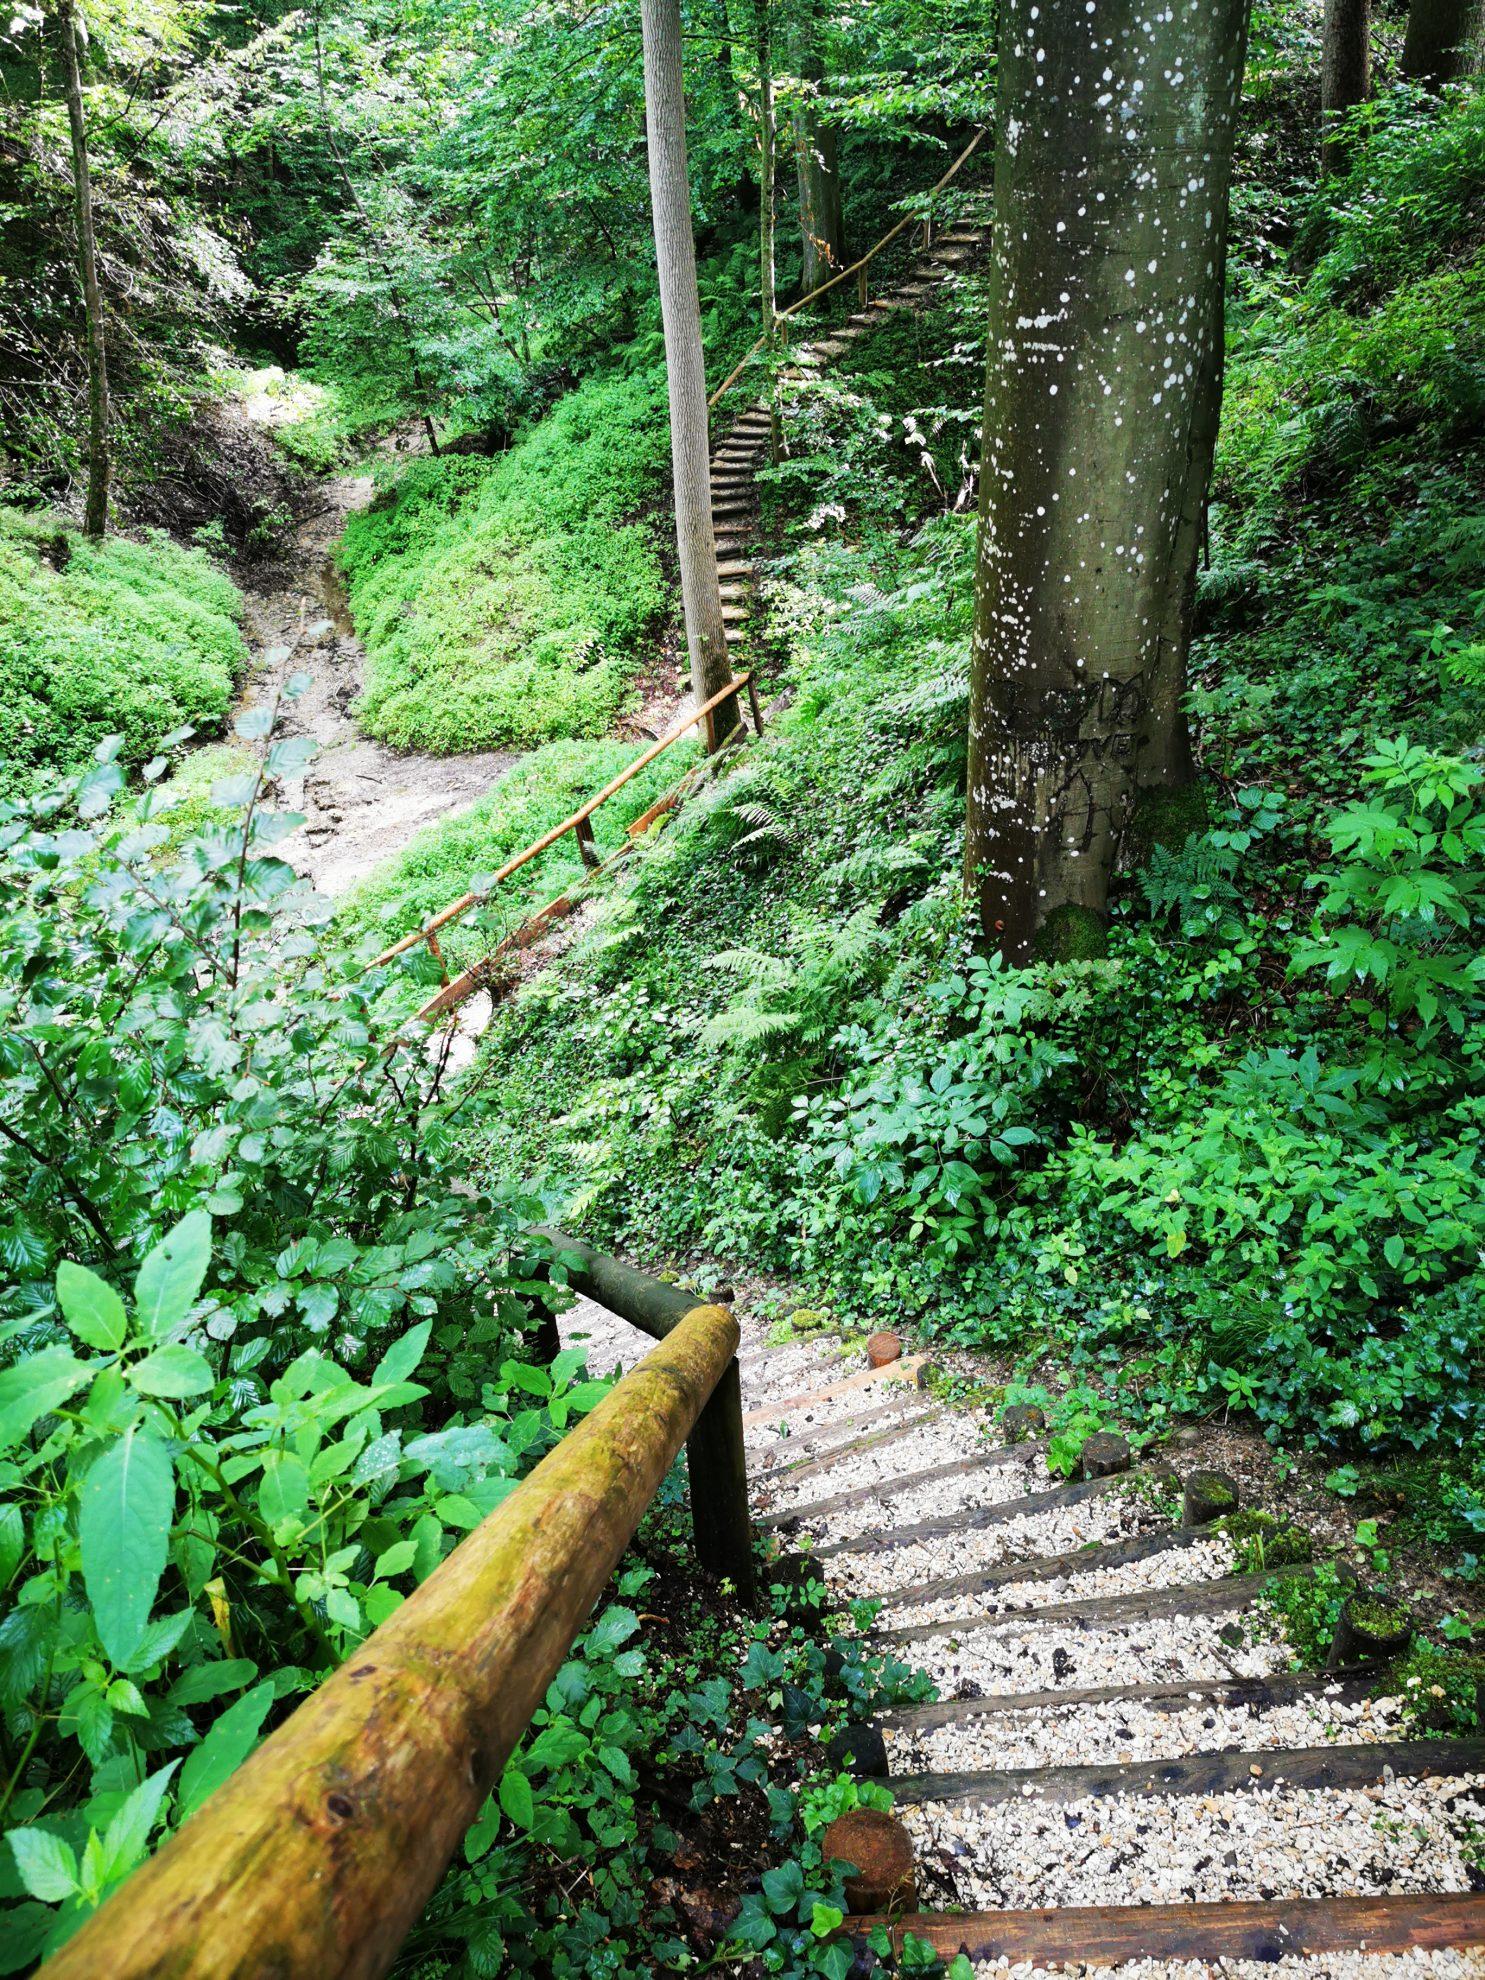 Treppauf und treppab geht es durch den Erlebnispfad in Thannhausen - allemal einen Ausflug wert